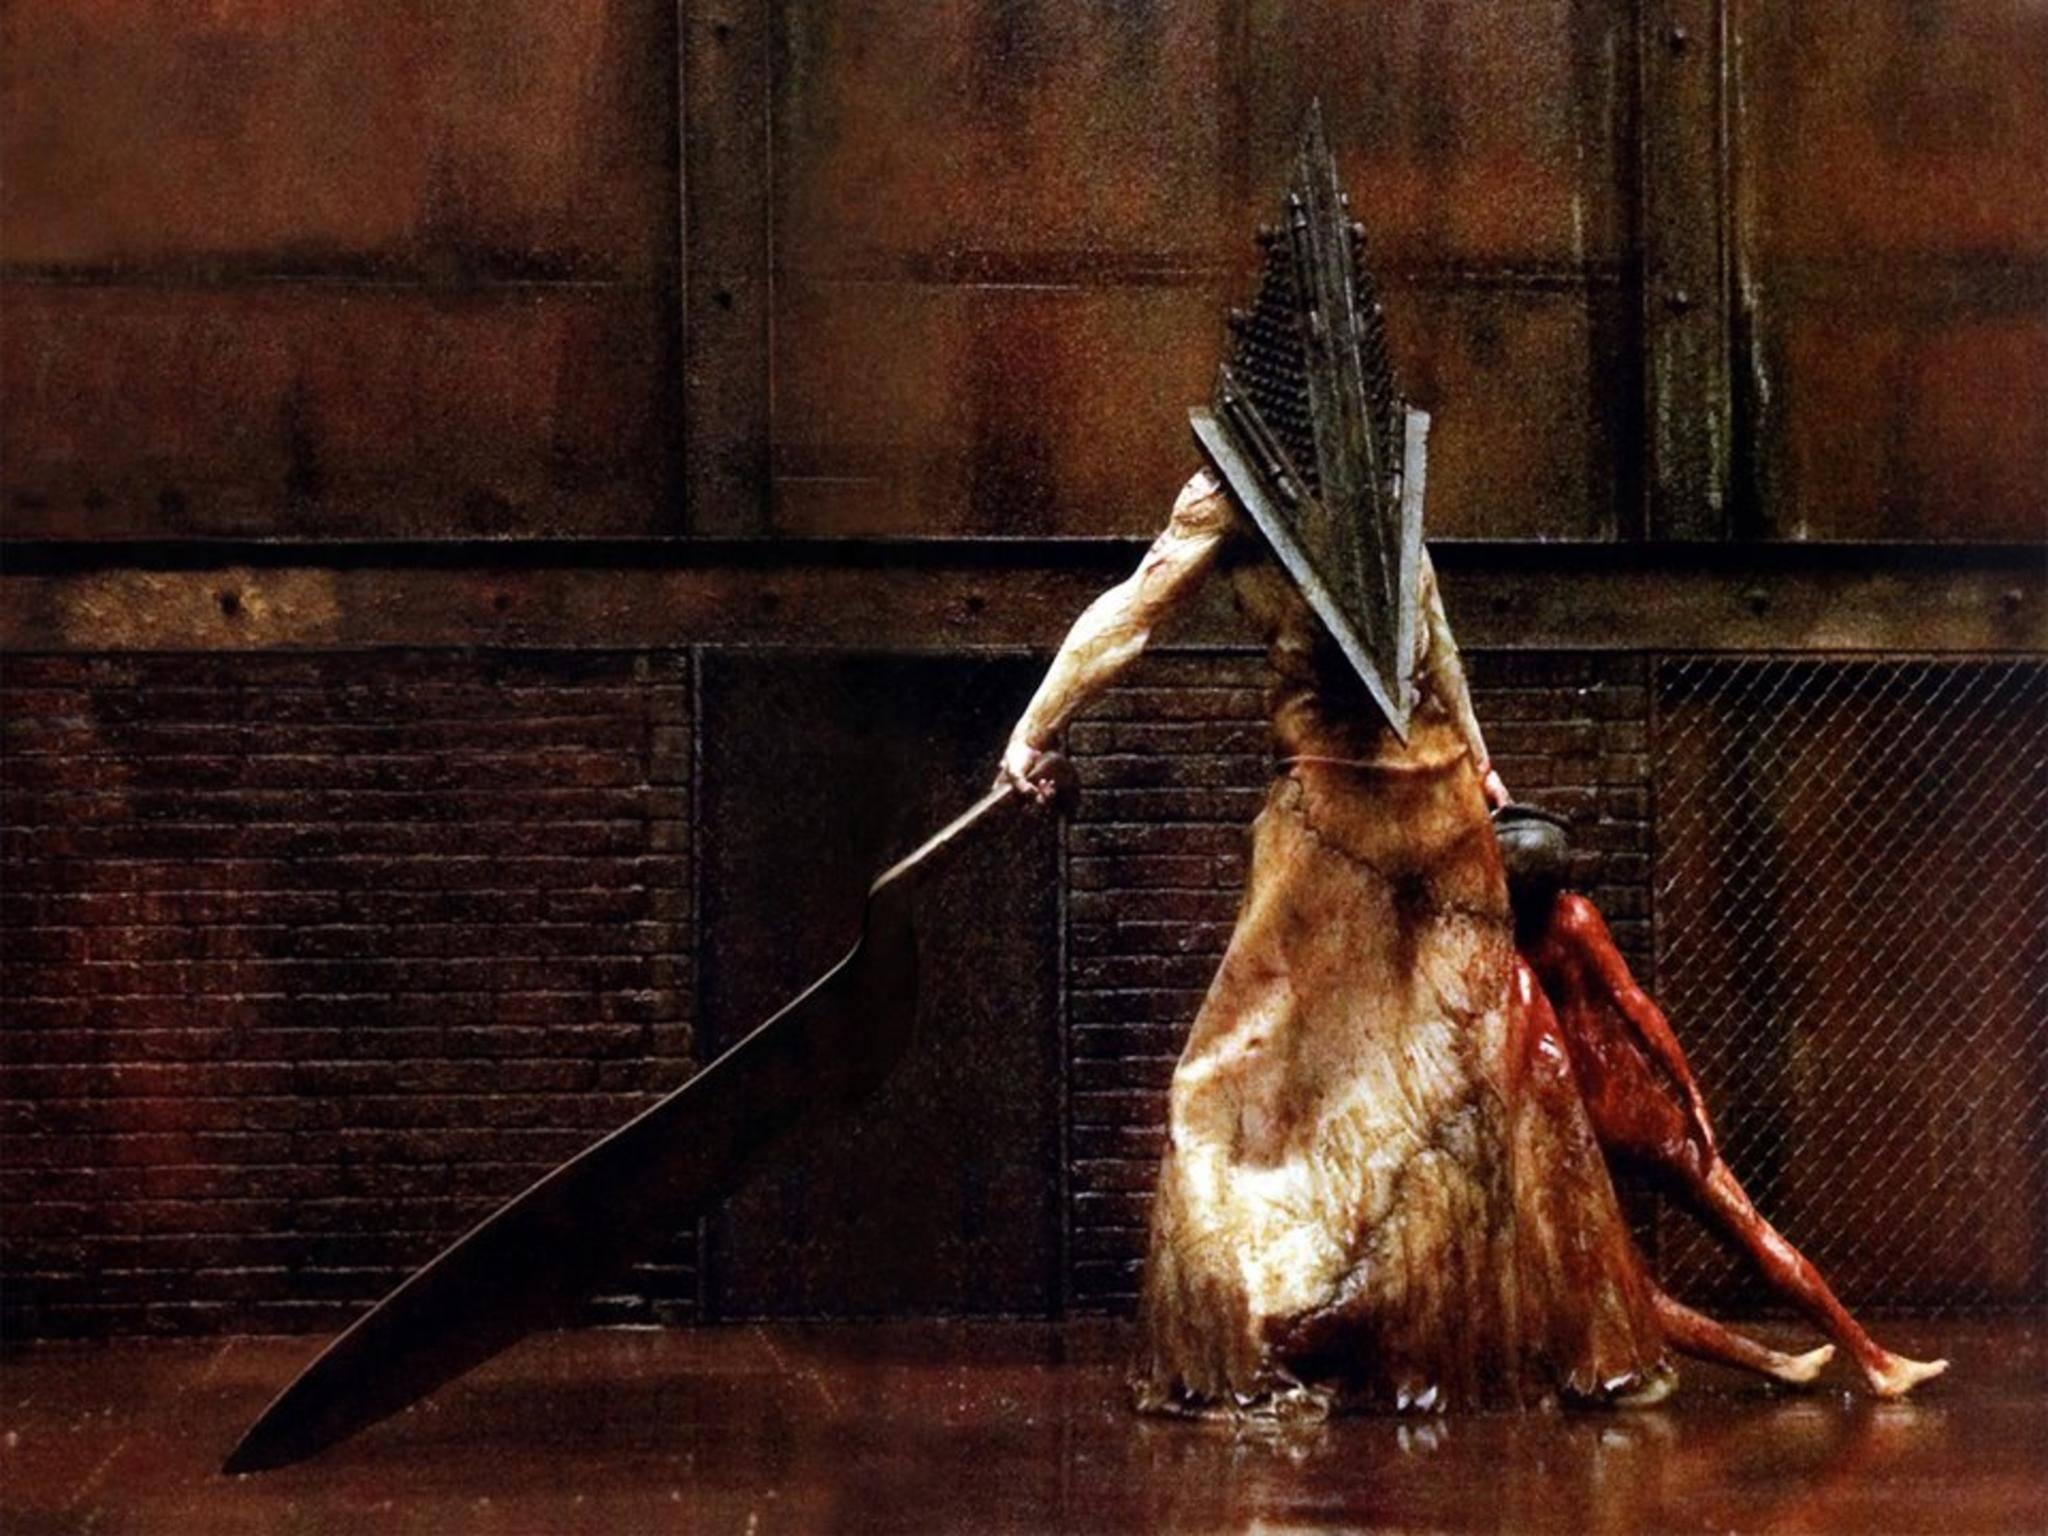 """Was wollen wir wetten, dass Pyramidhead irgendwie in einen neuen """"Silent Hill""""-Film gequetscht wird?"""